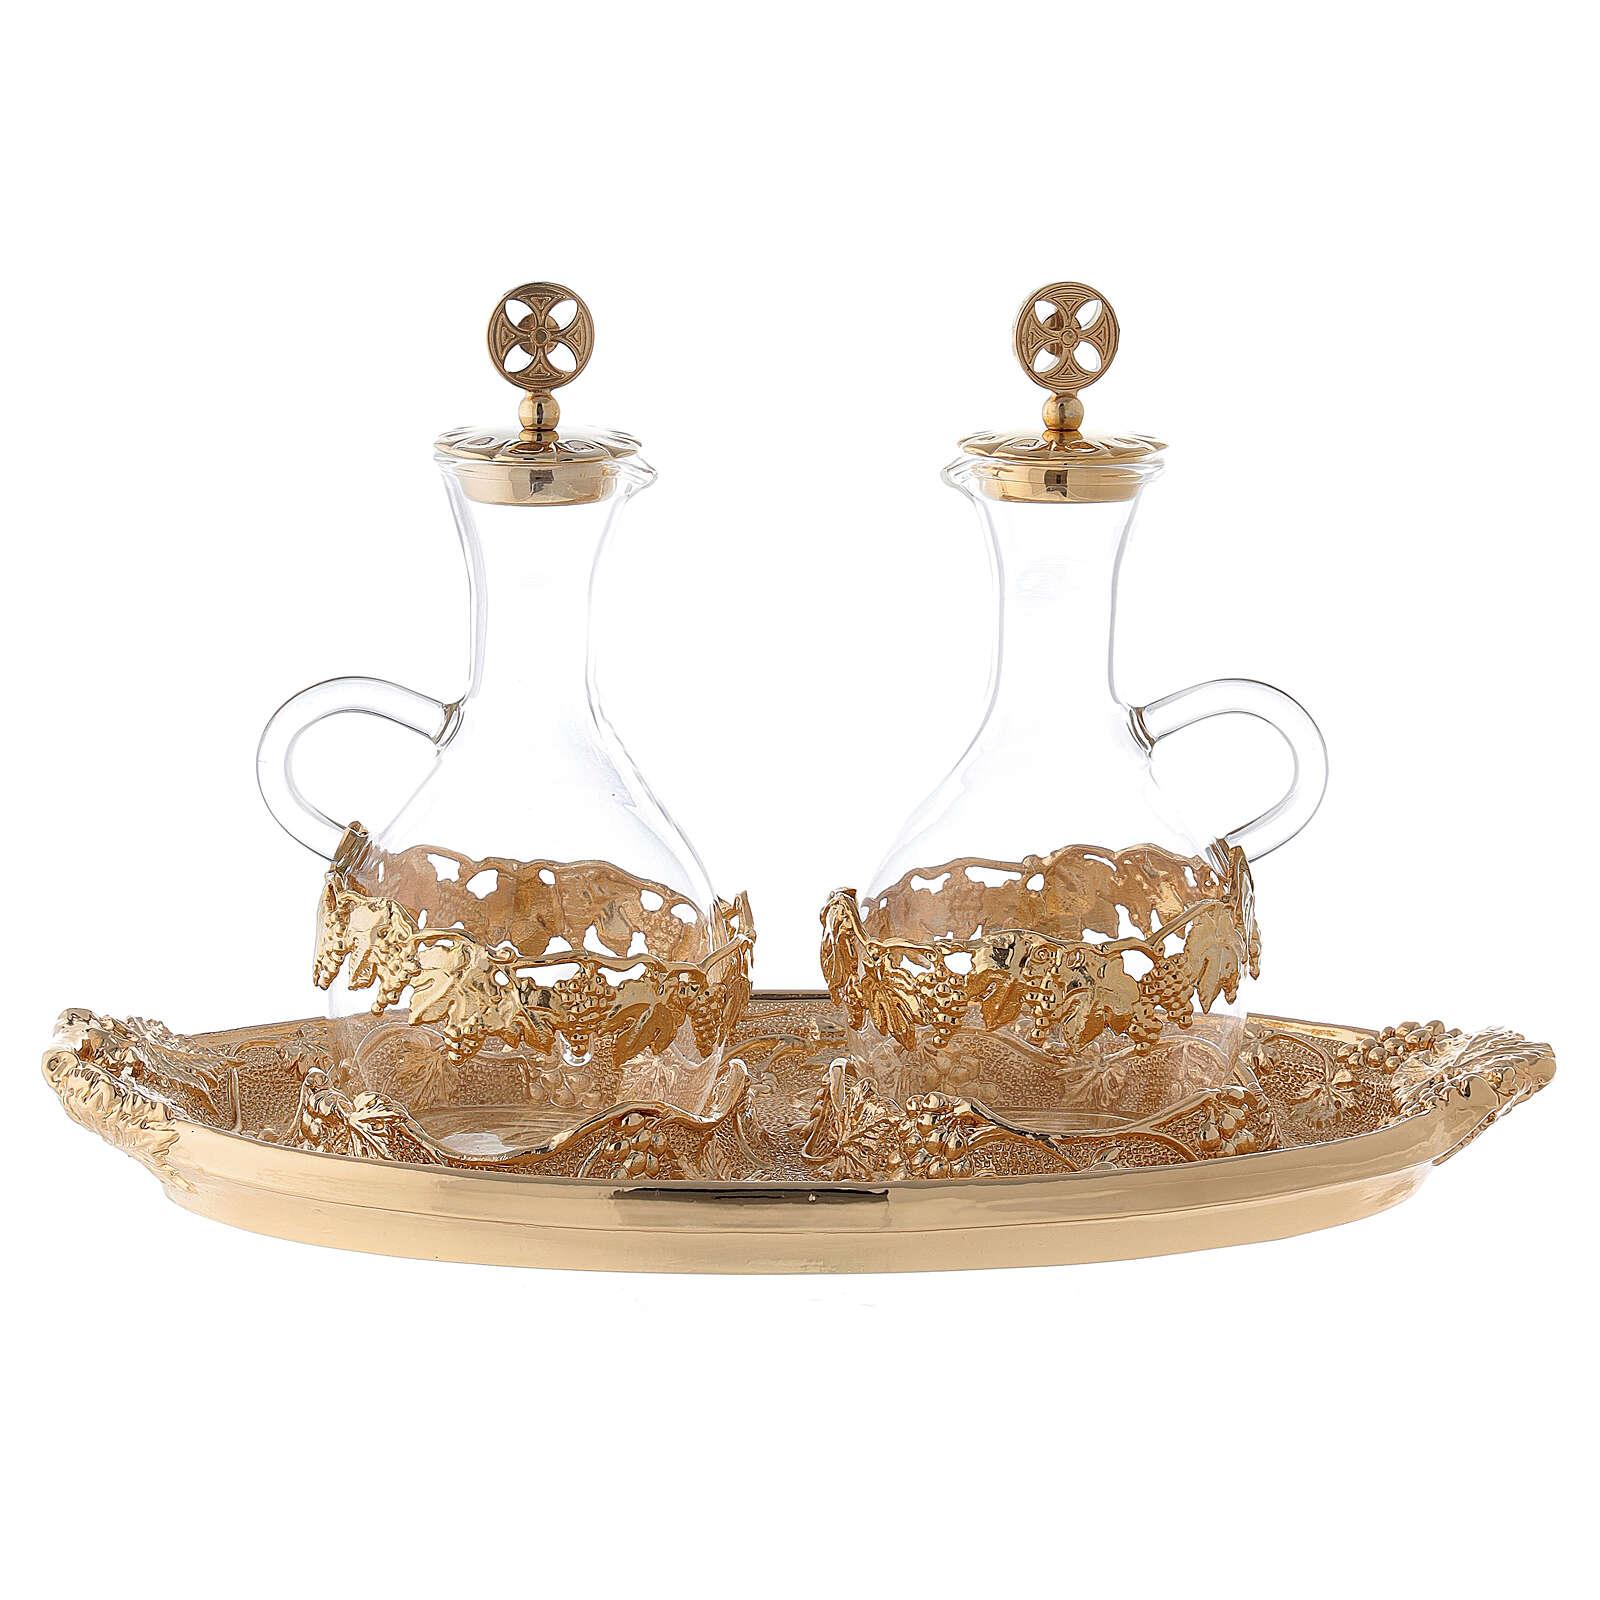 Vinajeras vidrio agua y vino plato decorado 4